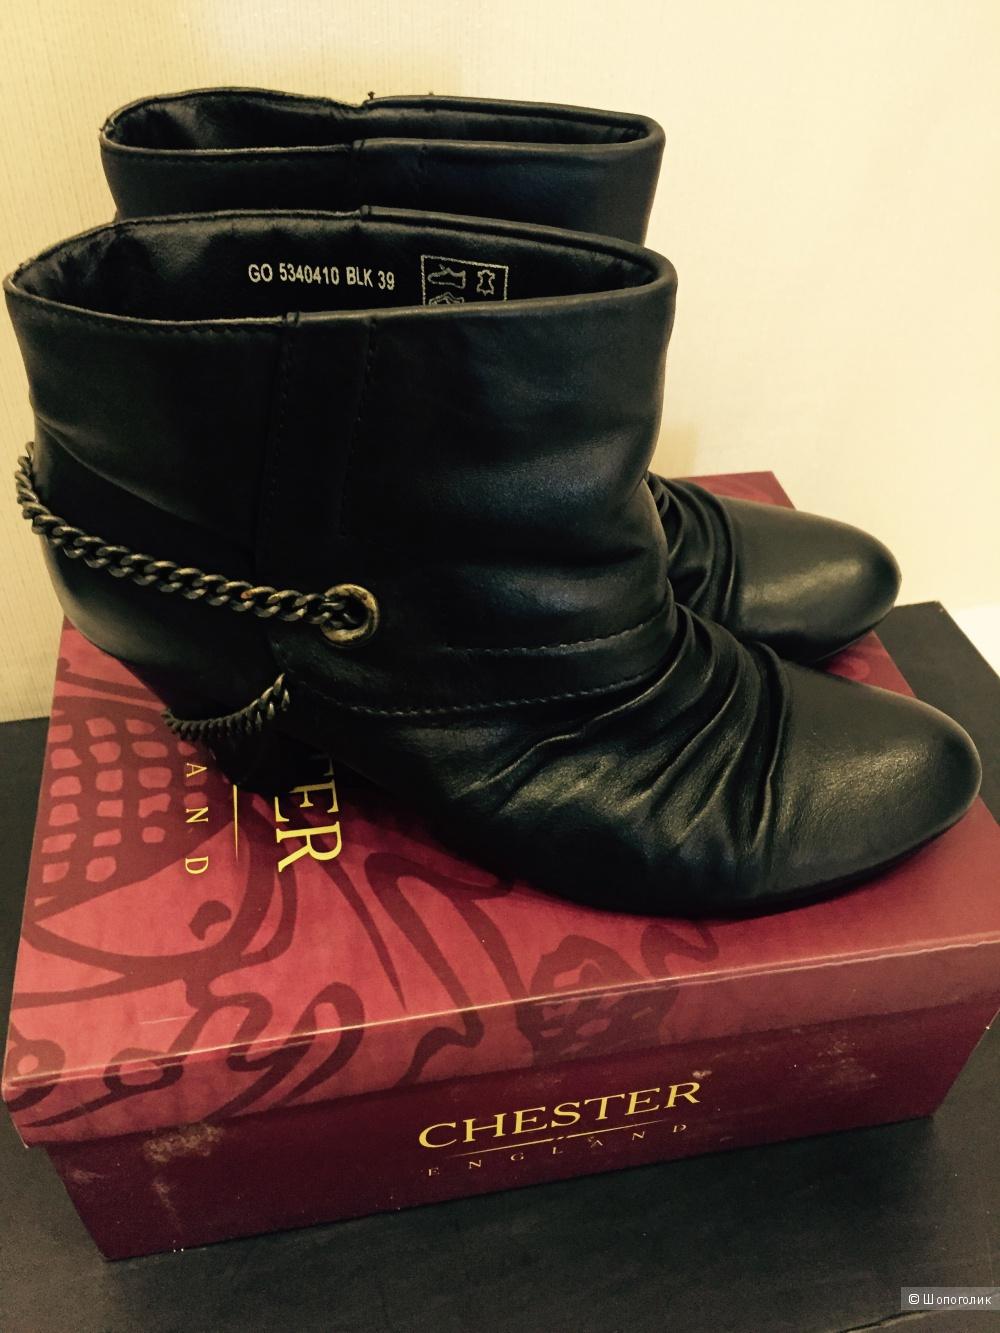 Ботинки Chester 39 размер